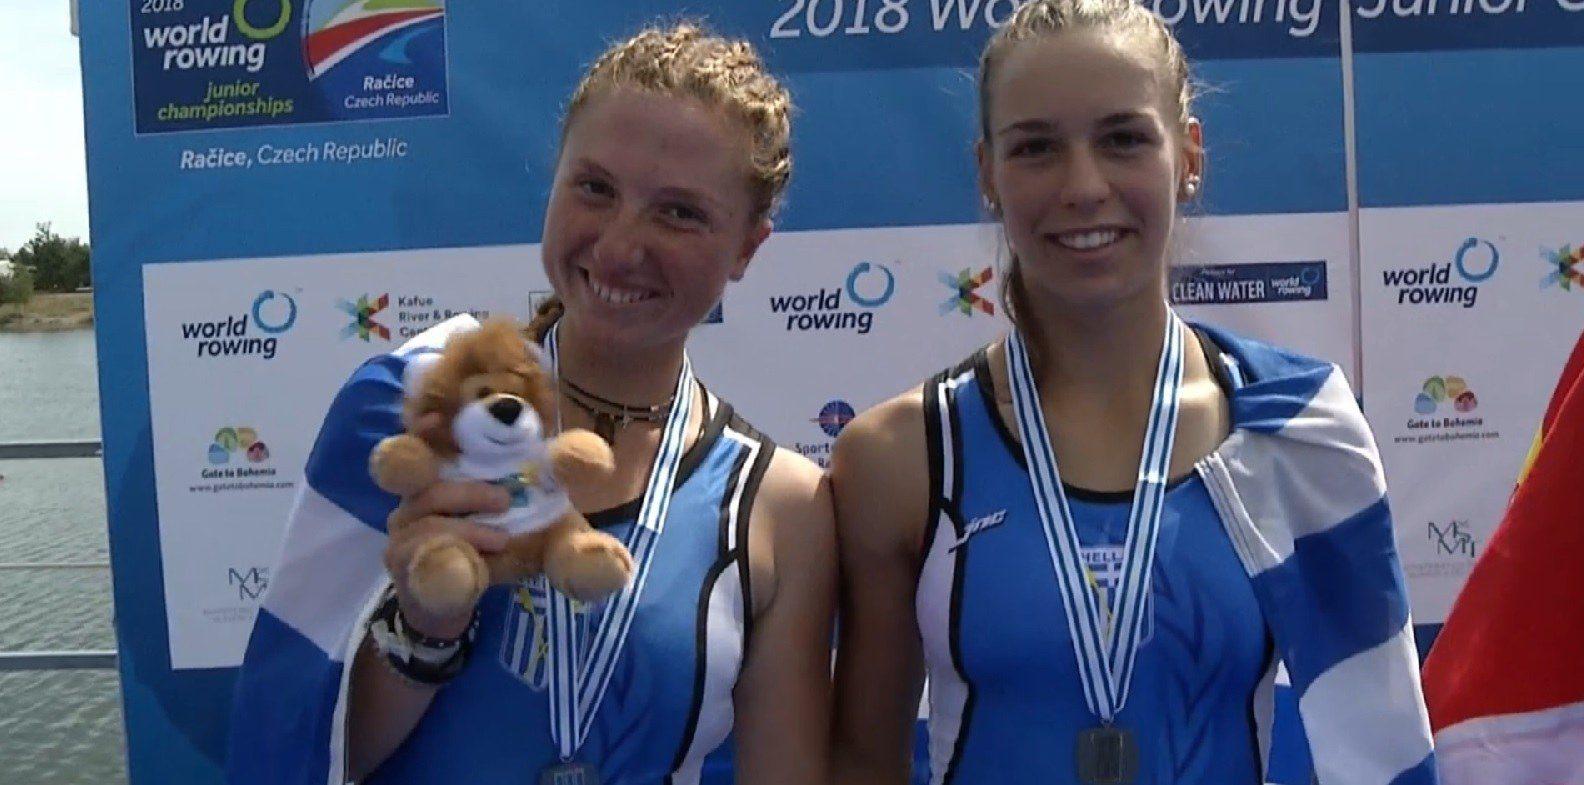 Δύο ακόμη μετάλλια τα ελληνικά κουπιά!